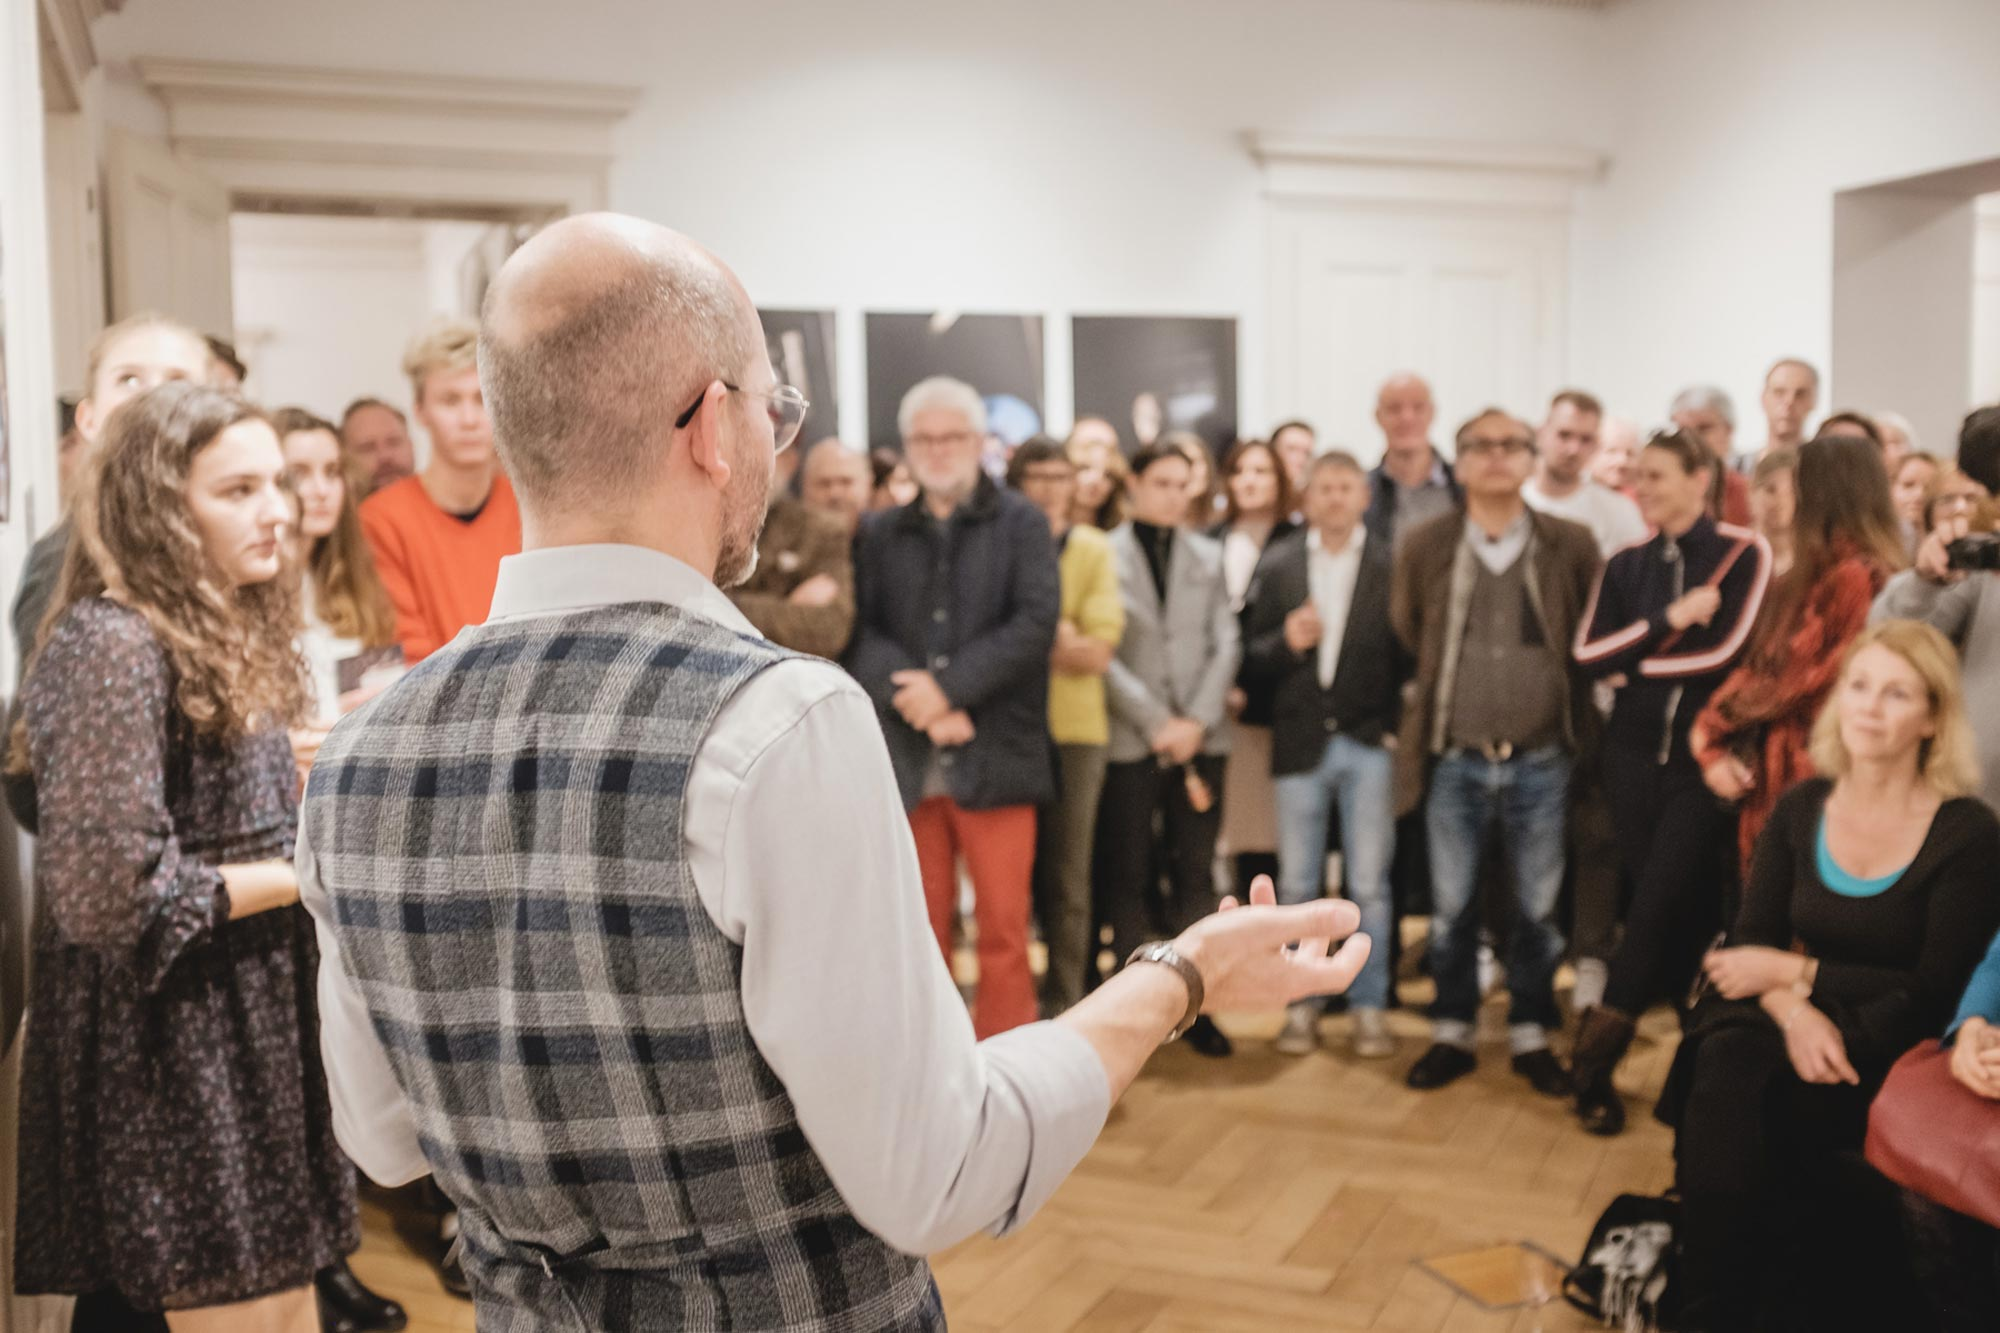 Ausstellungseröffnung durch Obmann Matthias Weissengruber – Bernhard Hafele, viergestalten